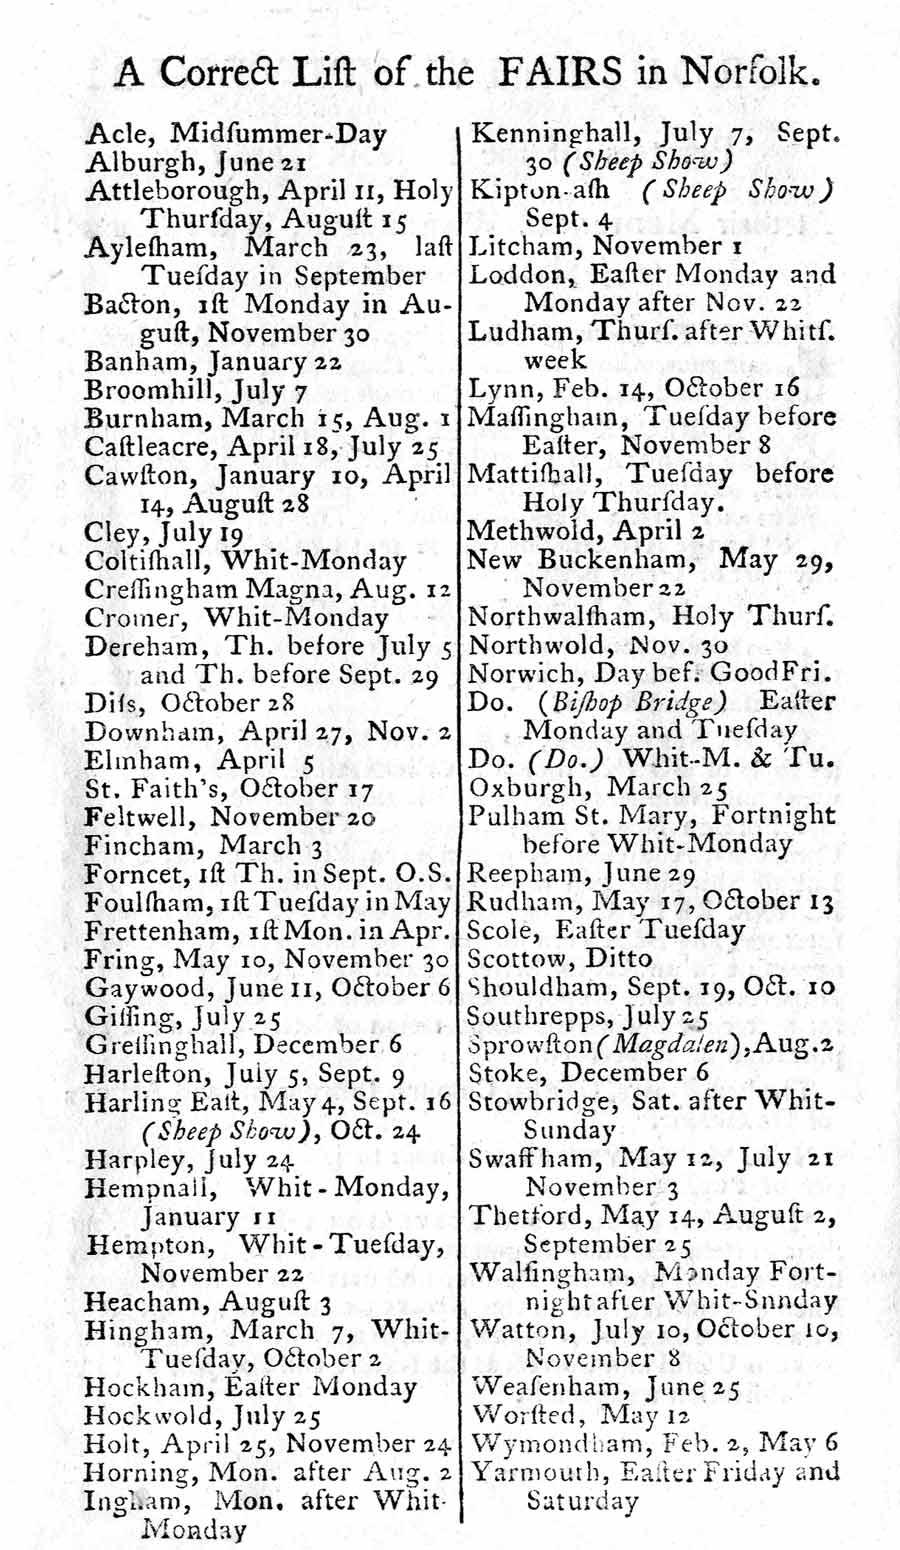 Crouse and Stevenson's list of Norfolk fairs 1790